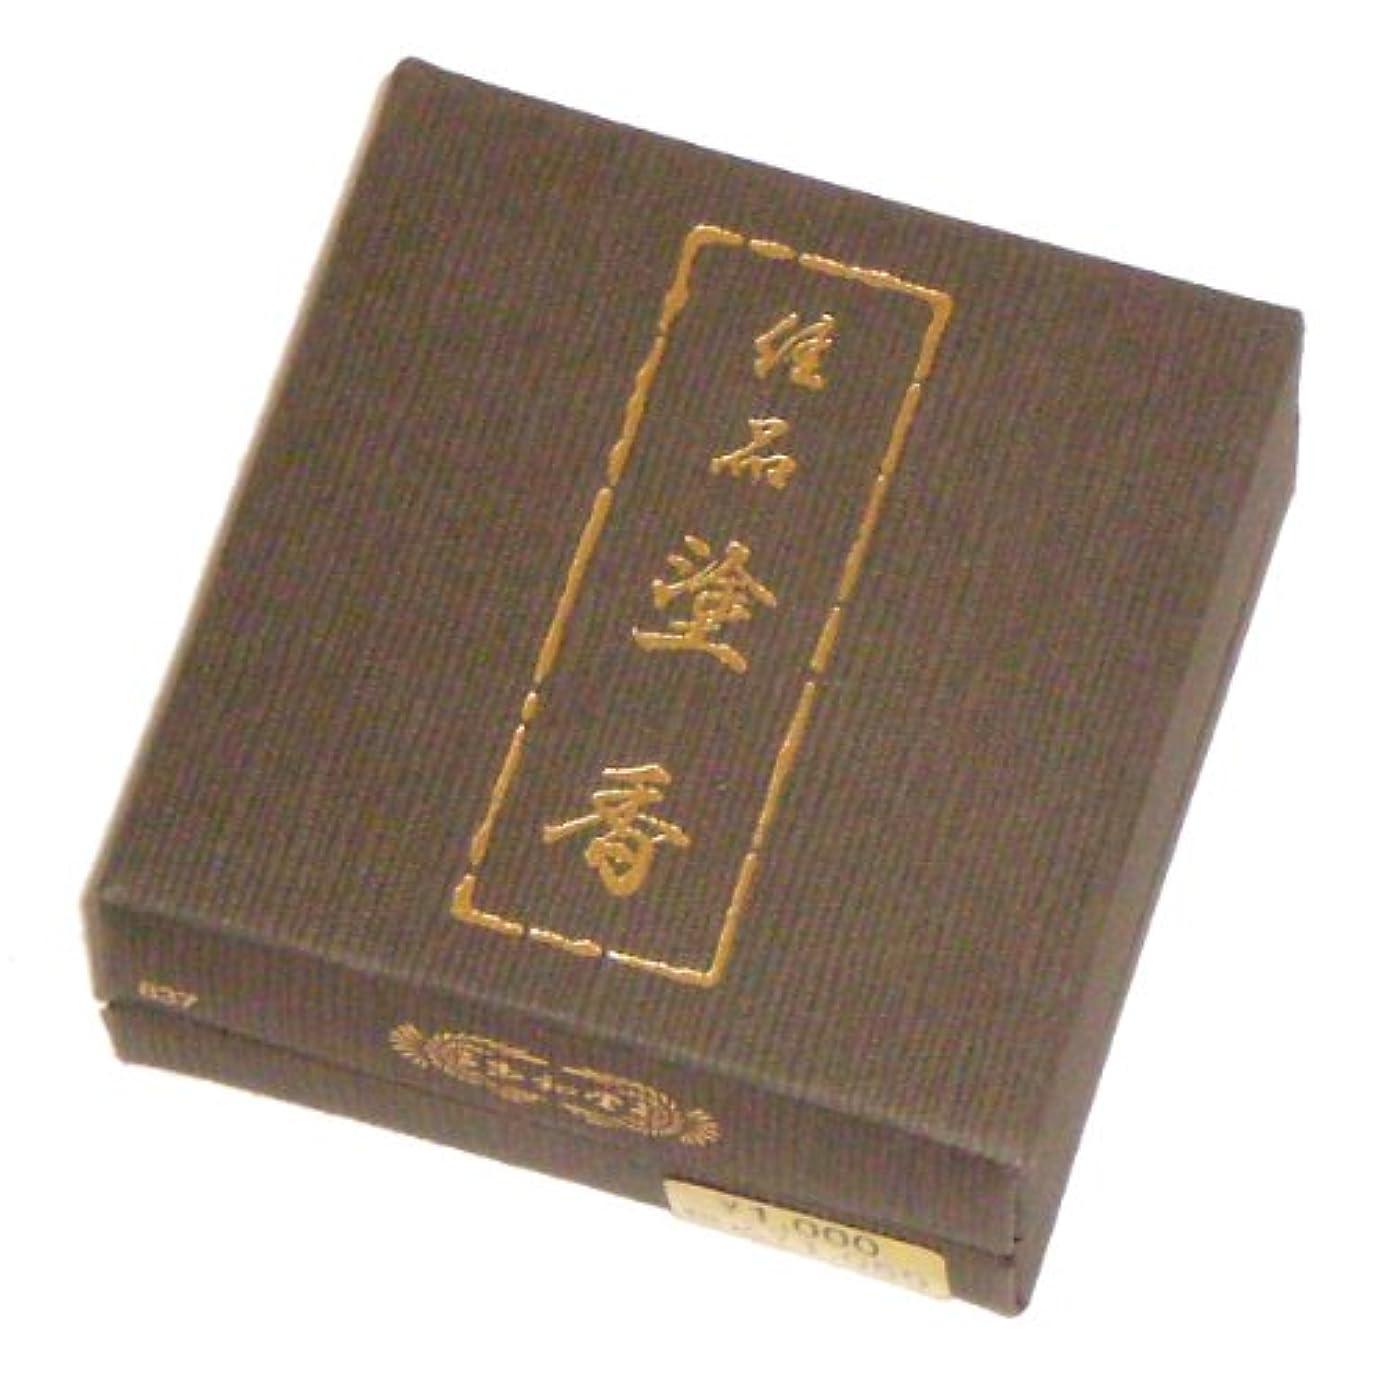 序文誰でも上昇玉初堂のお香 佳品塗香 15g 紙箱 #837